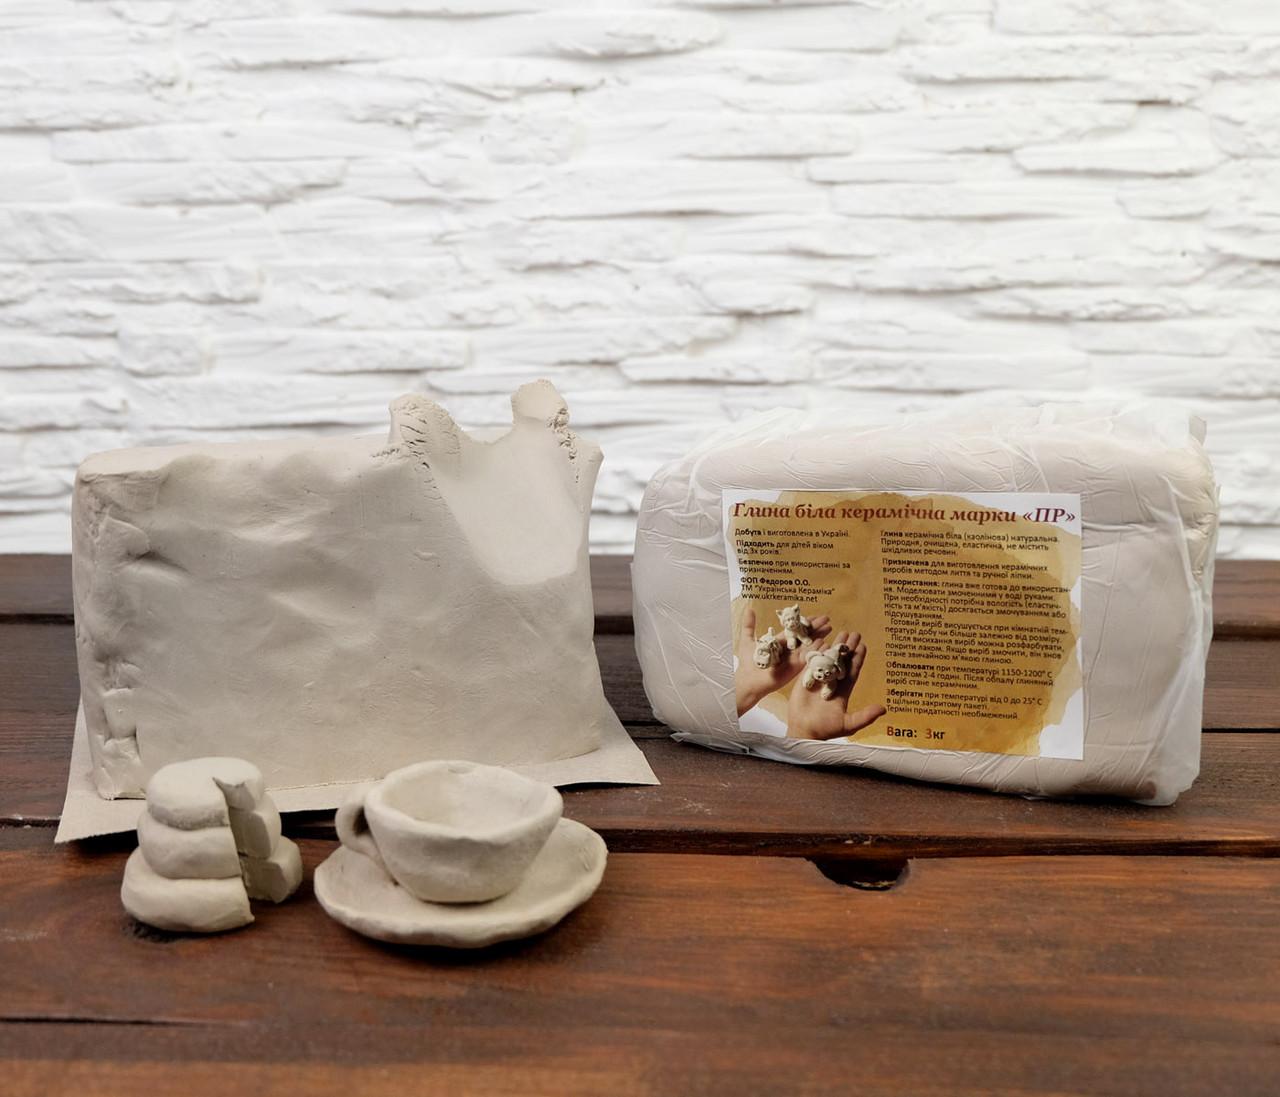 """Біла глина для творчості """"ПР"""" 3 кг - натуральна біла глина, каолінова глина для ліплення"""